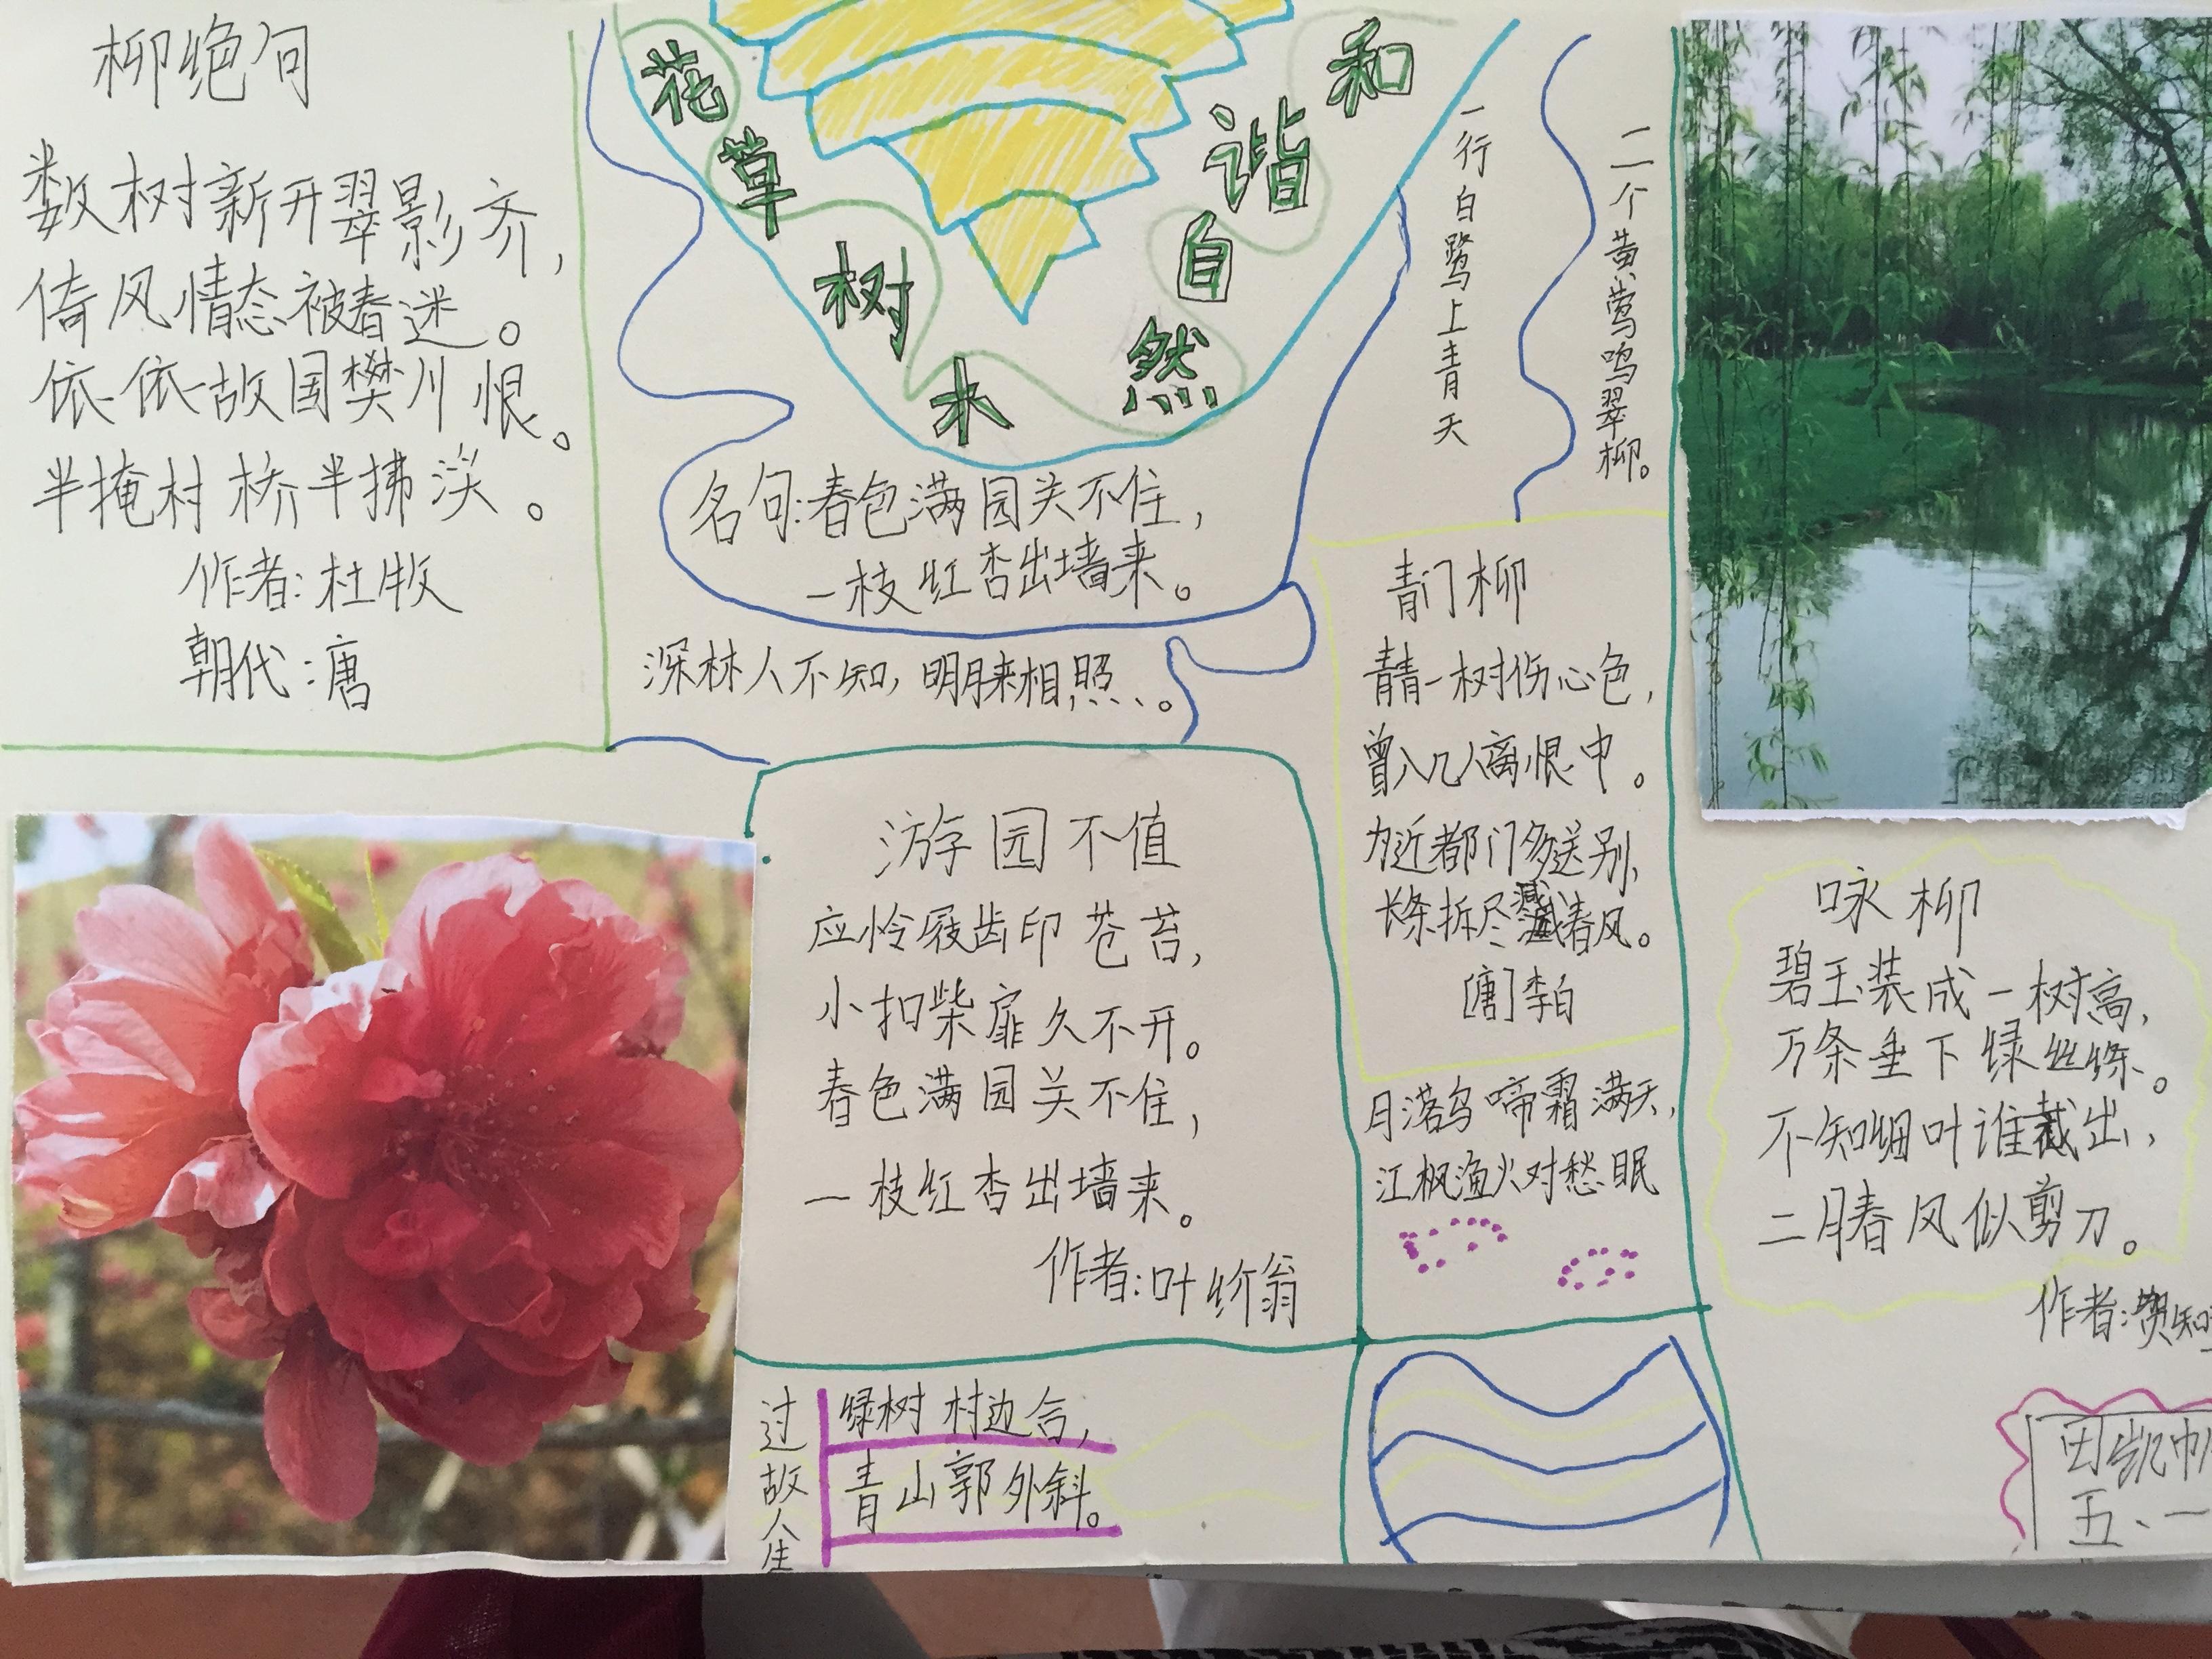 春节手抄报内容摘抄